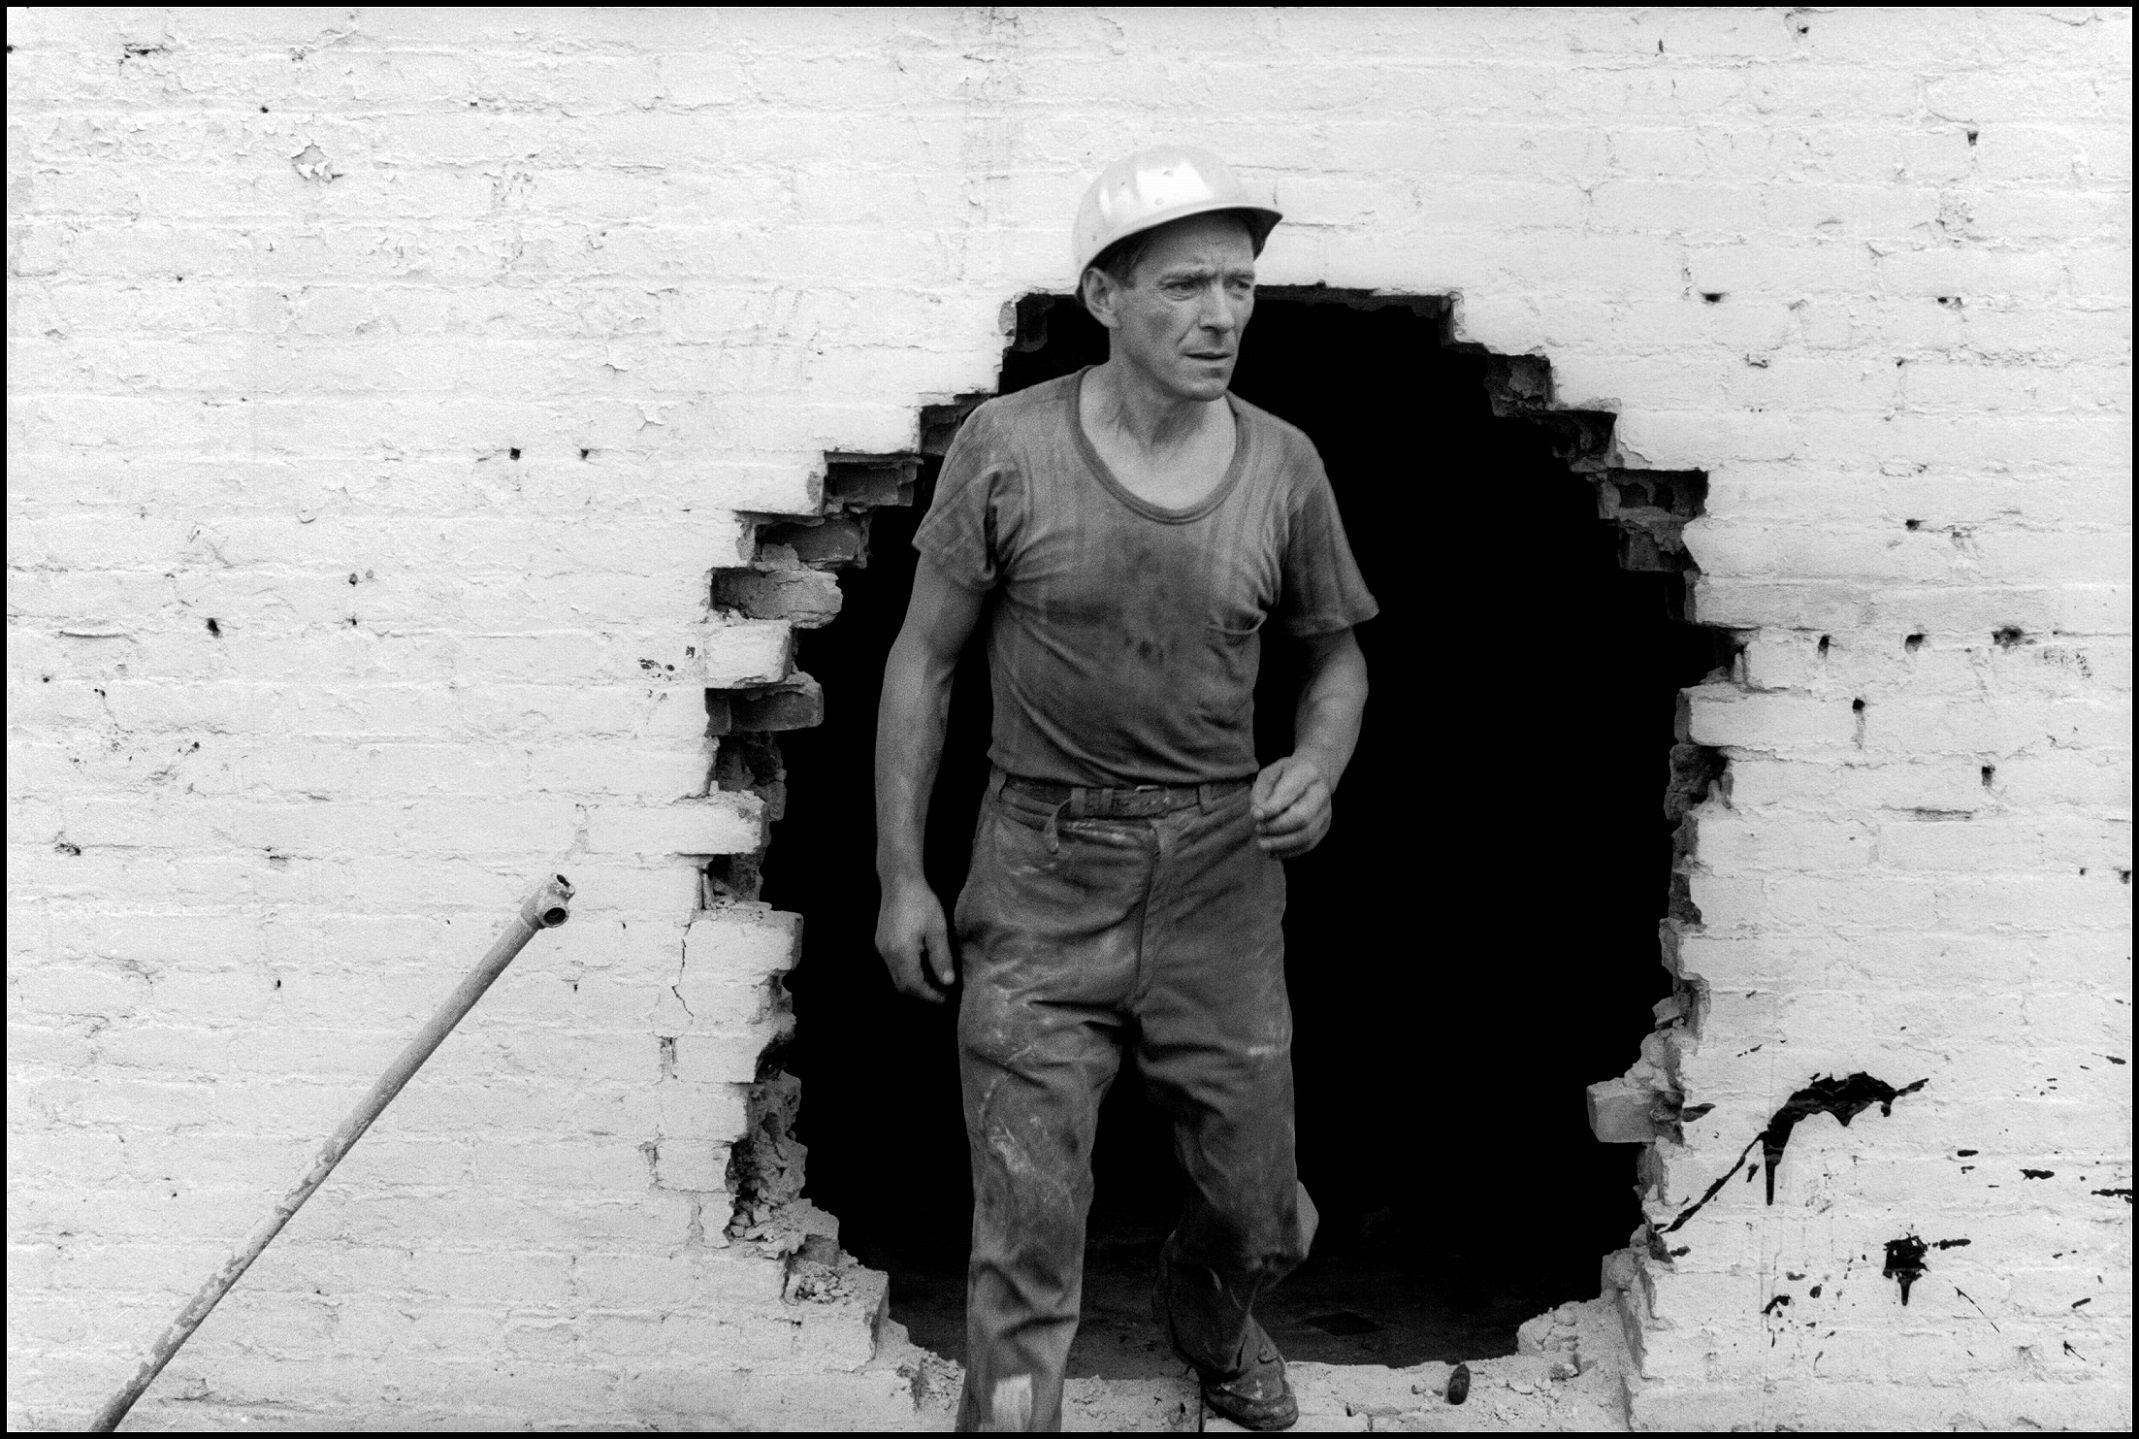 Museo ICO expondrá por primera vez en España 'La destrucción del Bajo Manhattan', del fotógrafo Danny Lyon